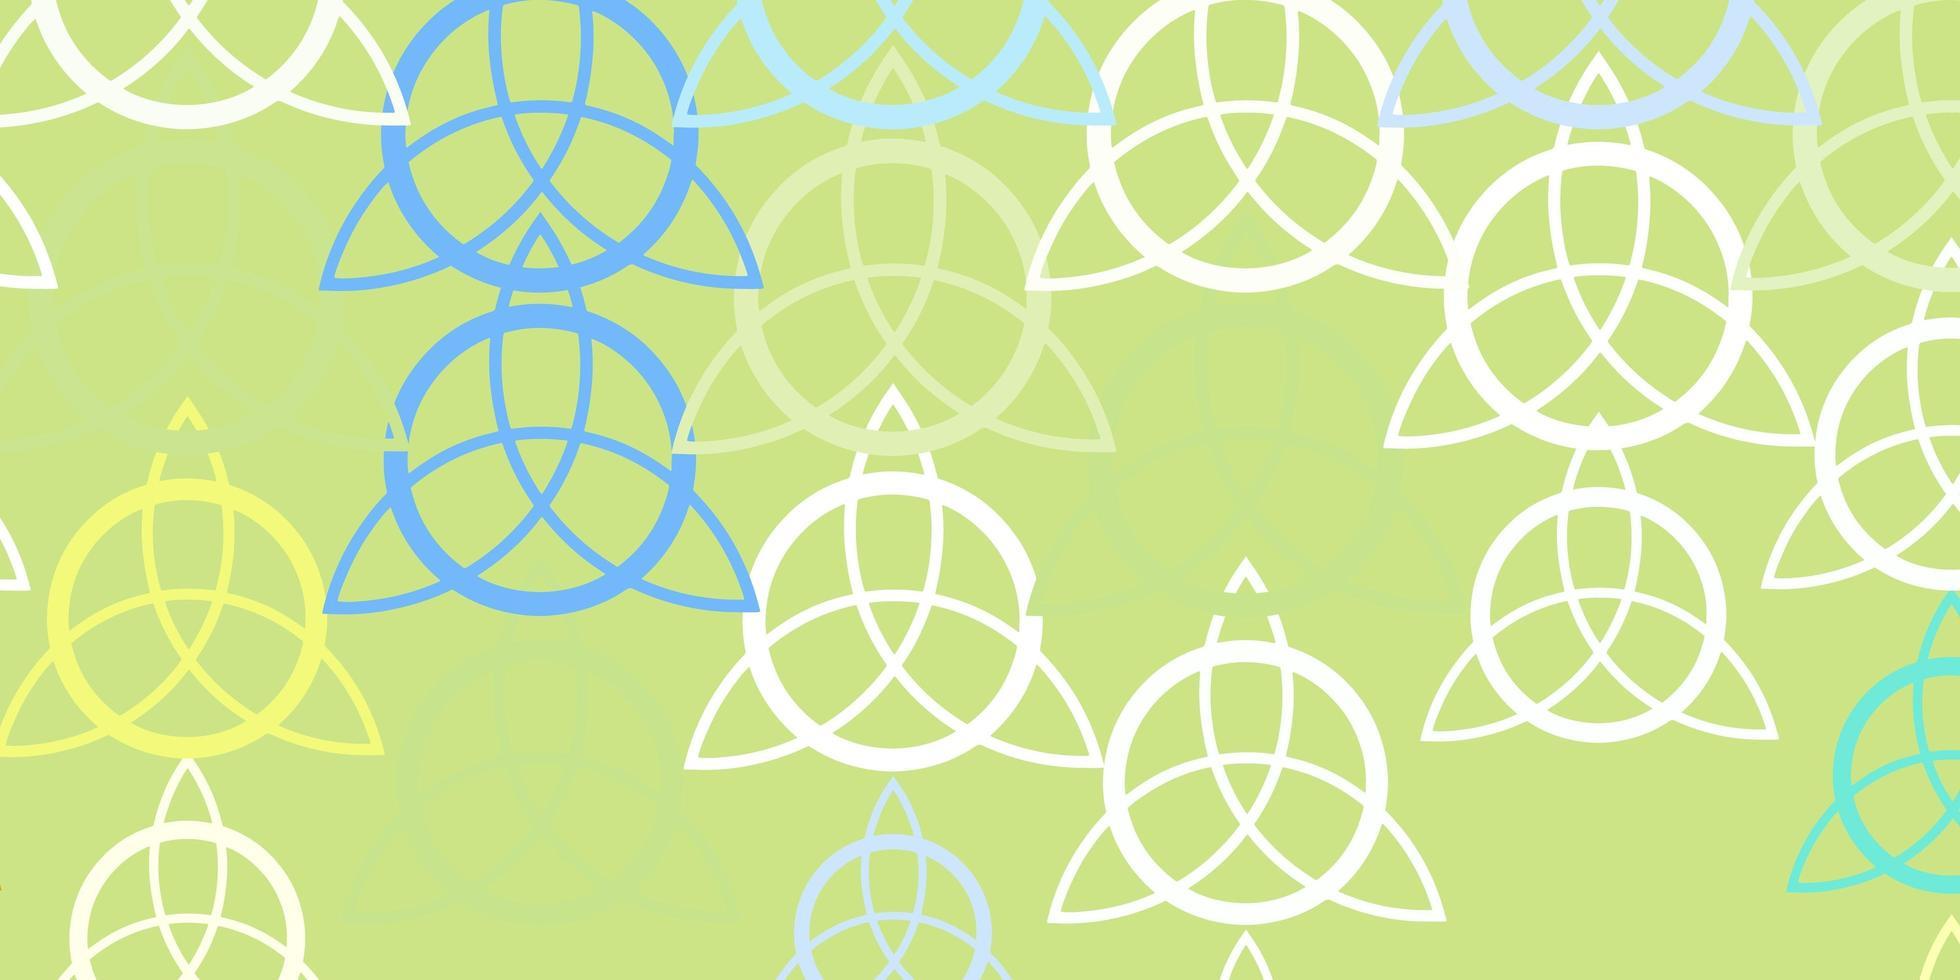 hellblaue, gelbe Vektorschablone mit esoterischen Zeichen. vektor